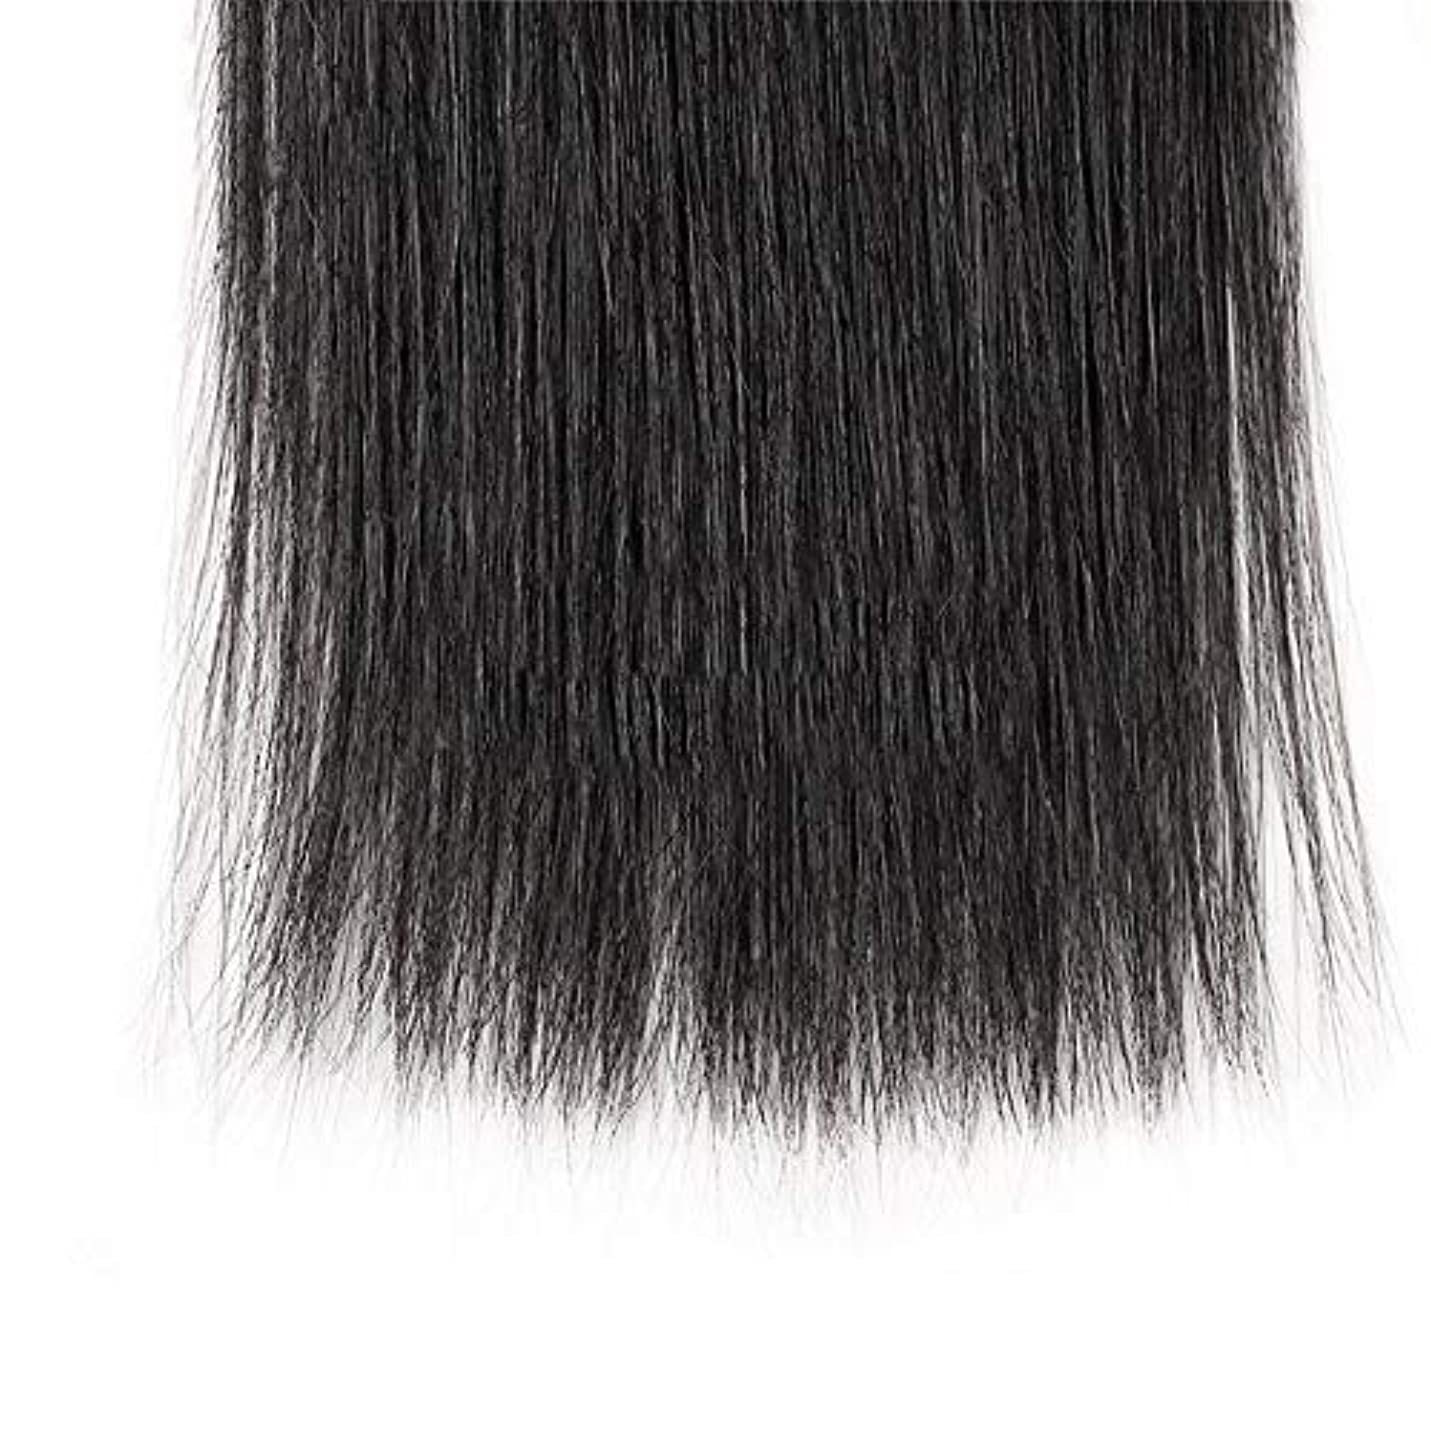 デコレーション窒息させるかなりWASAIO スタイルの交換のためのサプリメントブラジルの曲げられていない人間の髪の束8Aシルキー織りエクステンションナチュラルブラック(8